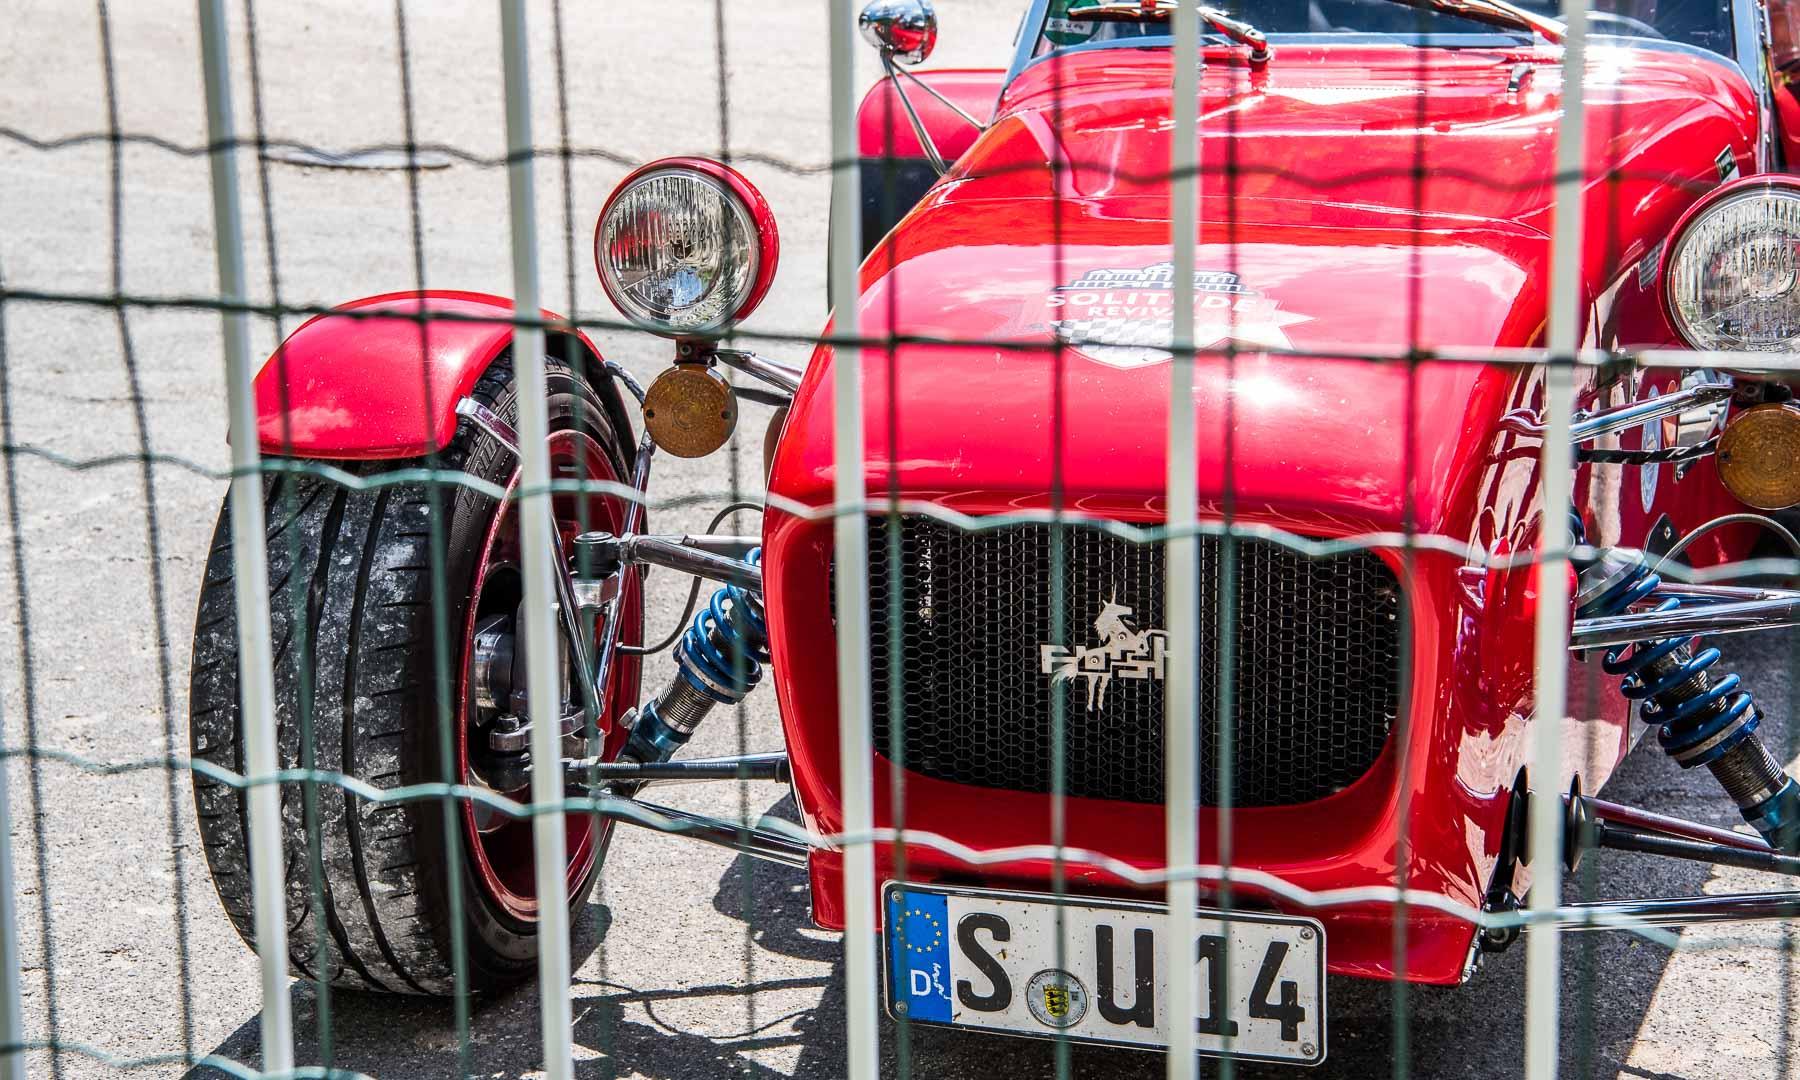 Freistehende Räder, eine schlanke, zigarrenförmige Karosserie: das hier ist der Lotus Seven - bzw. Caterham Seven